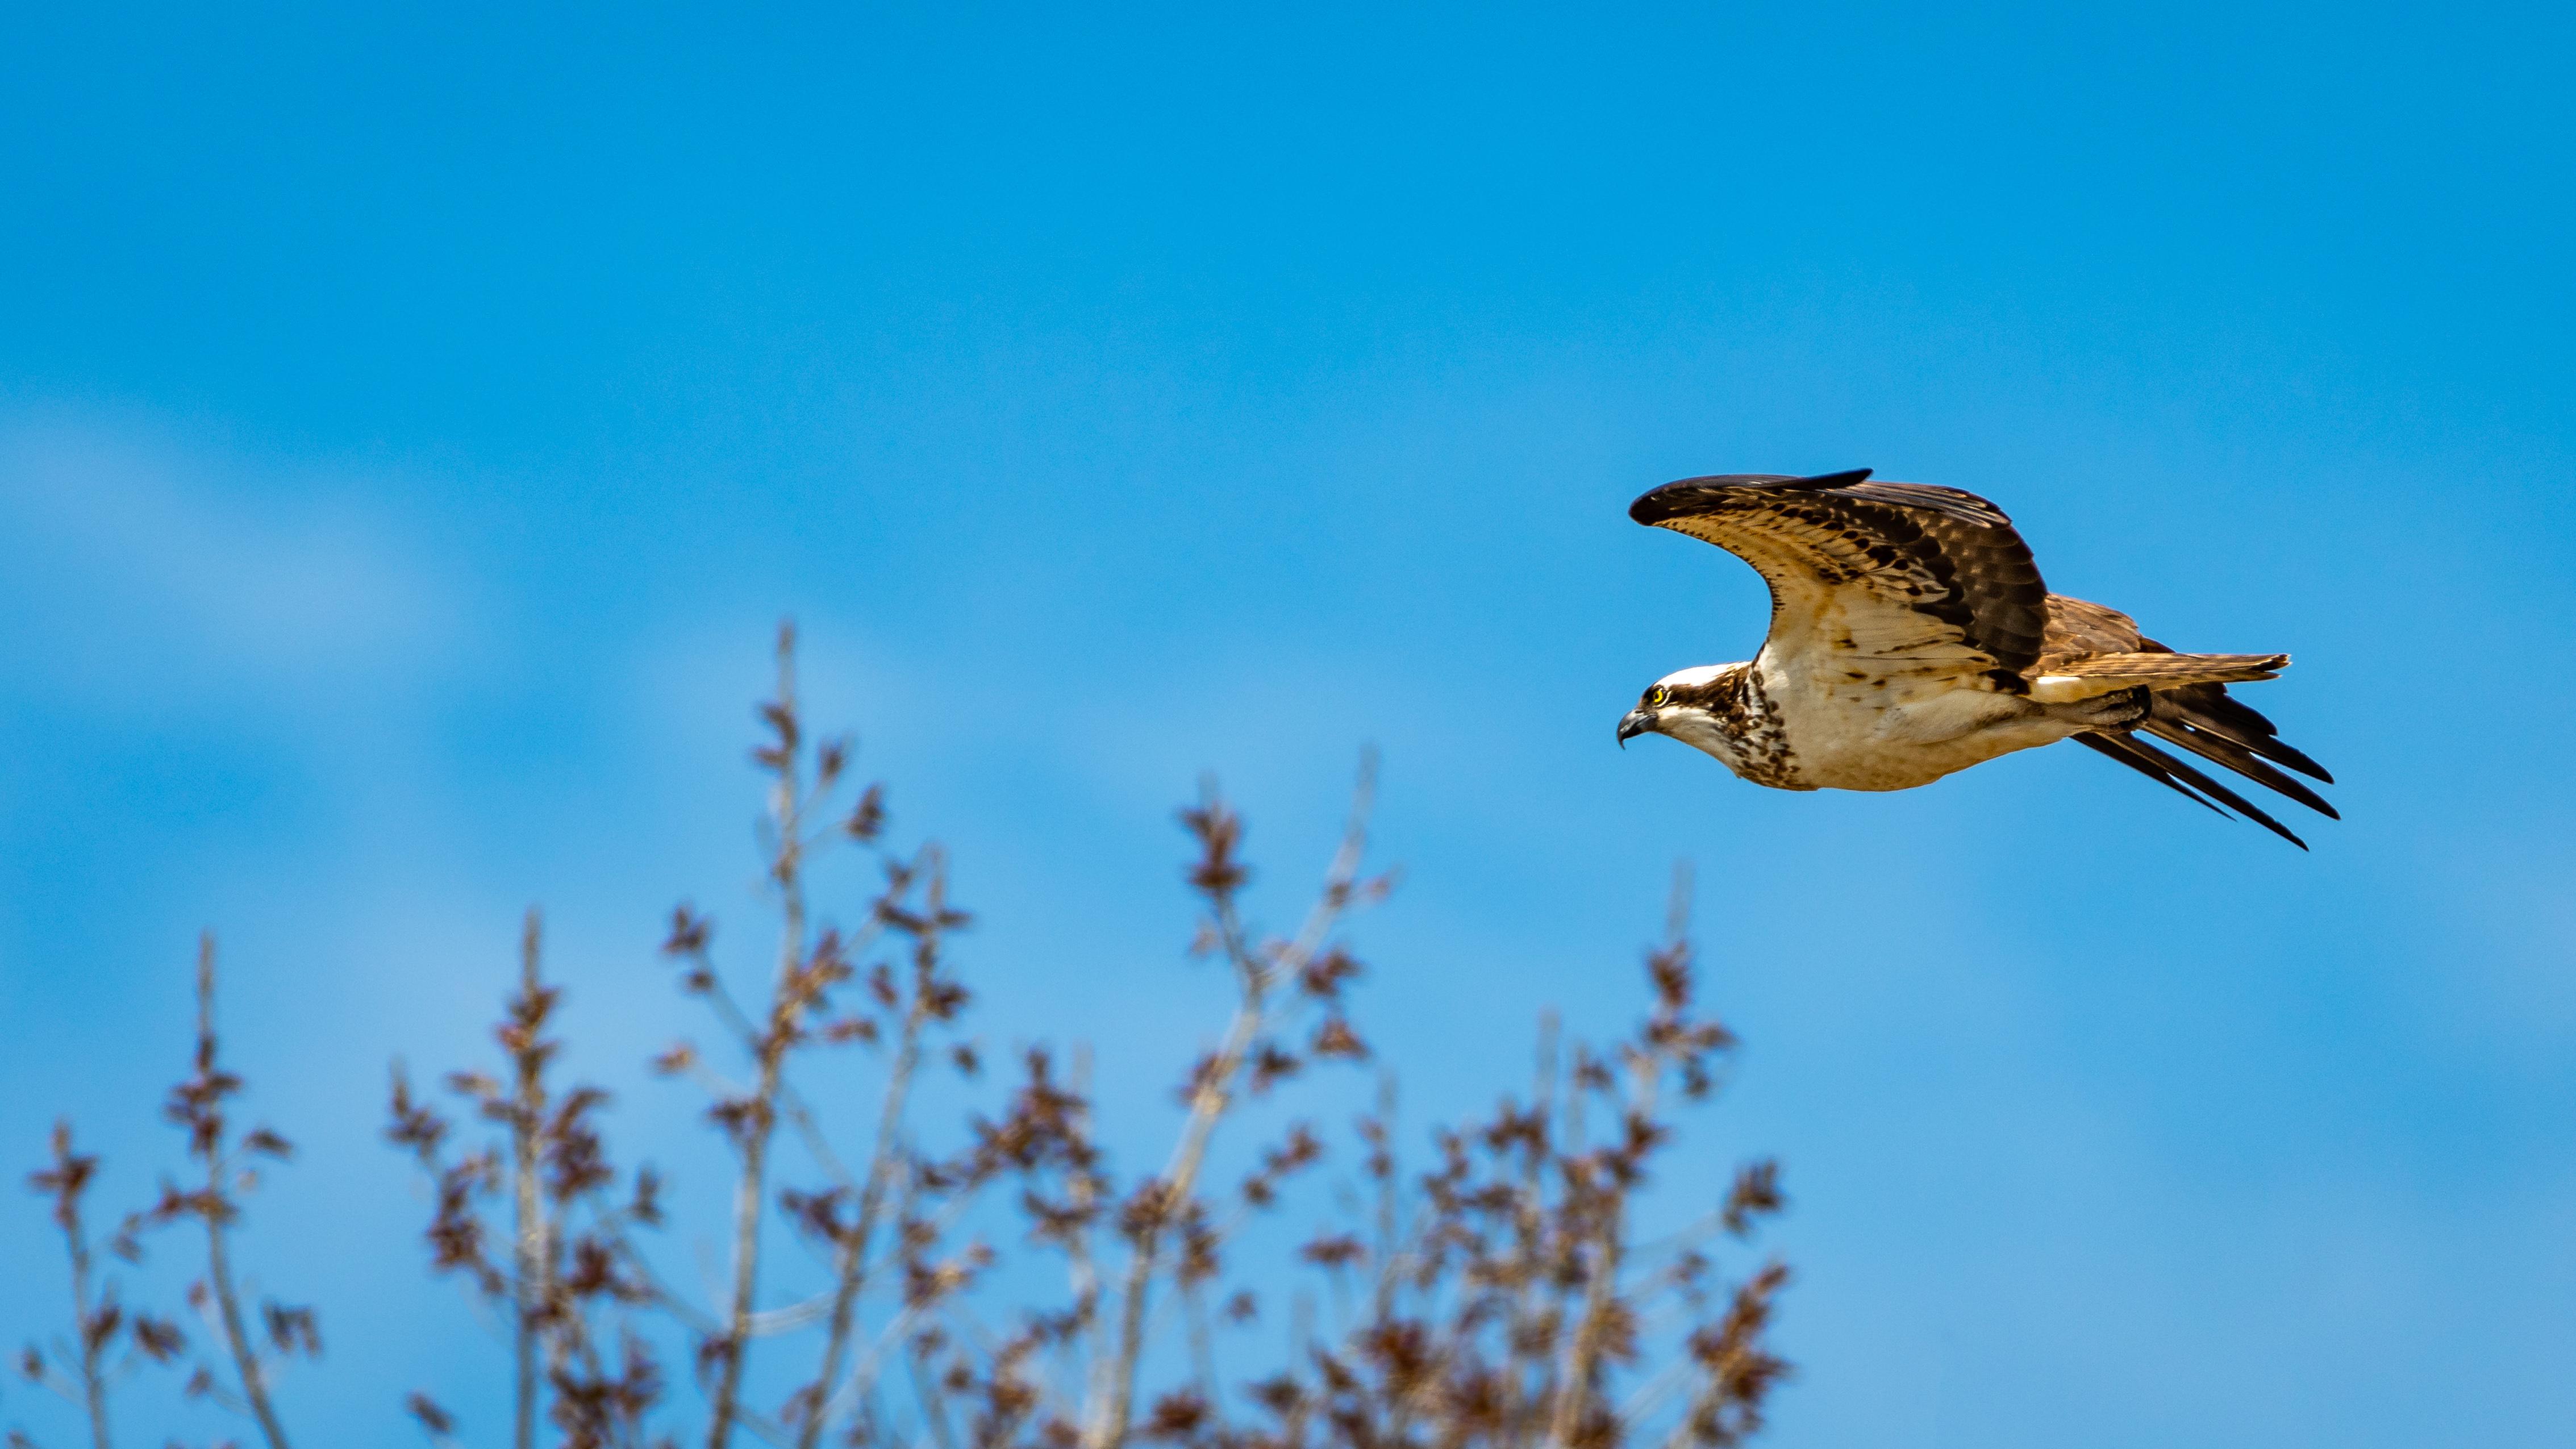 IMAGE(https://i.ibb.co/NnzS6hg/osprey.jpg)